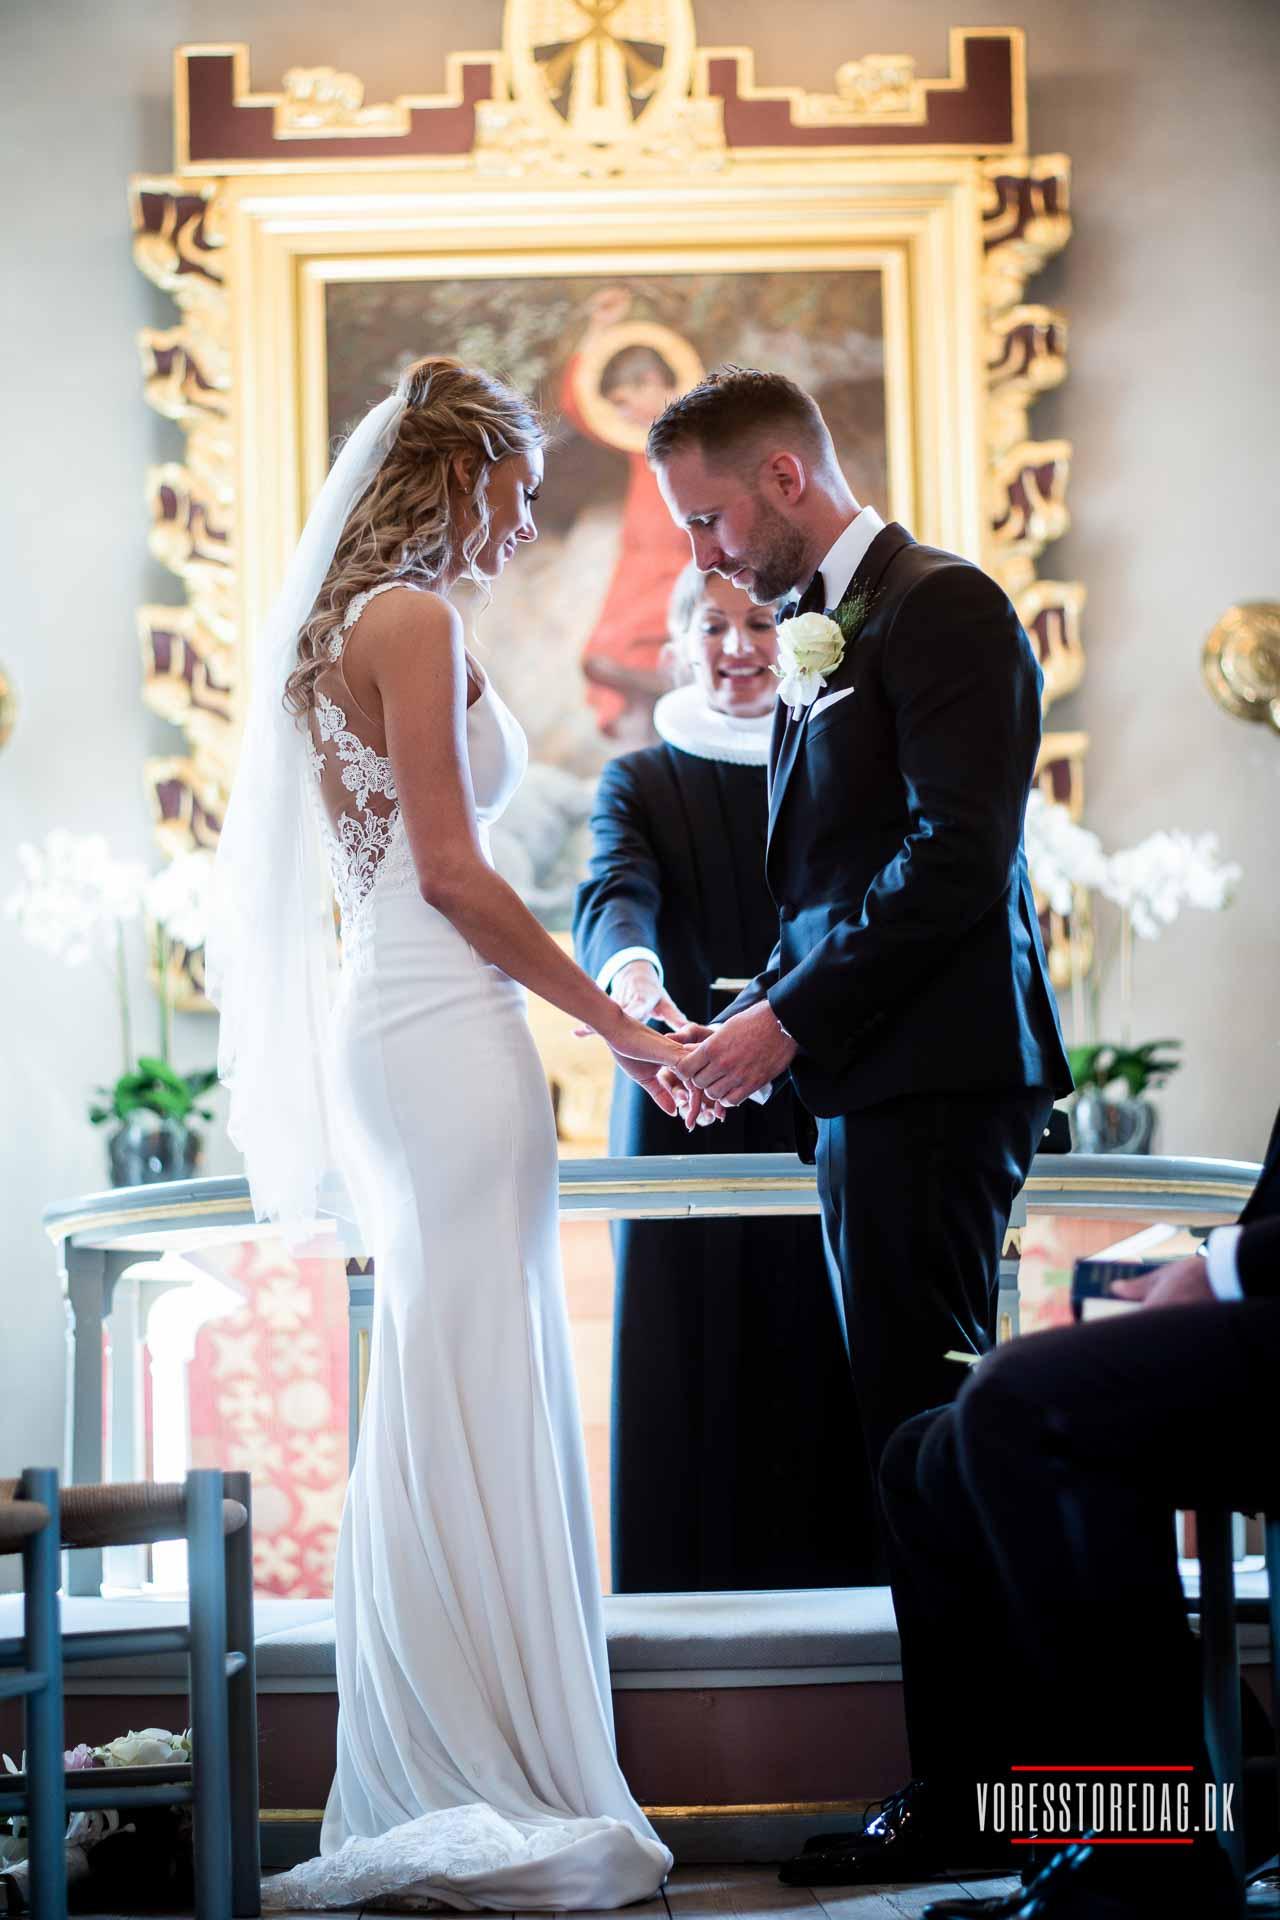 Bryllupsfotograf til jeres store dag. Unikke bryllupsfoto